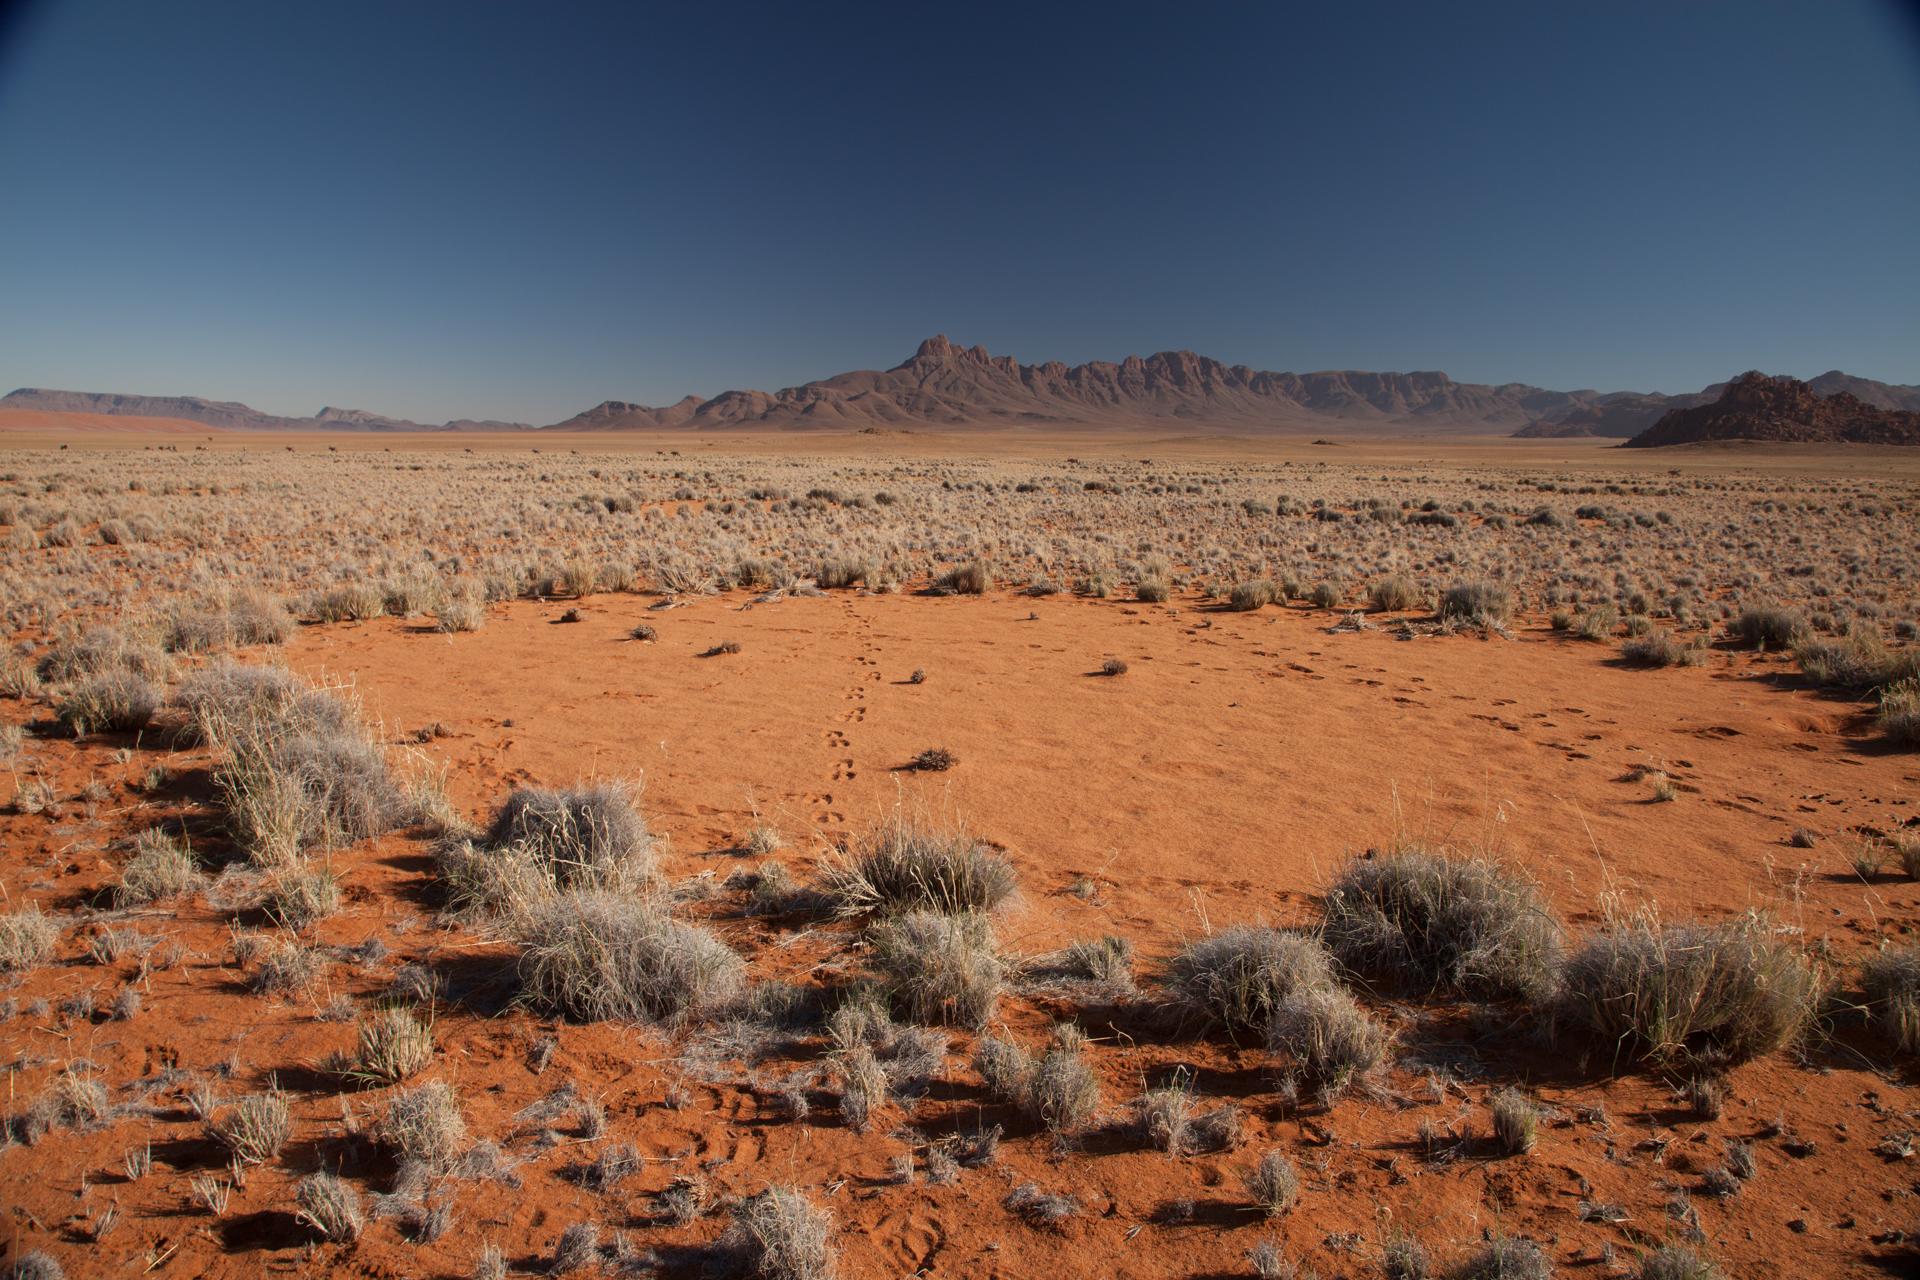 PÚBLICO - Se não são as fadas que fazem círculos de vegetação no deserto do Namibe, quem é?